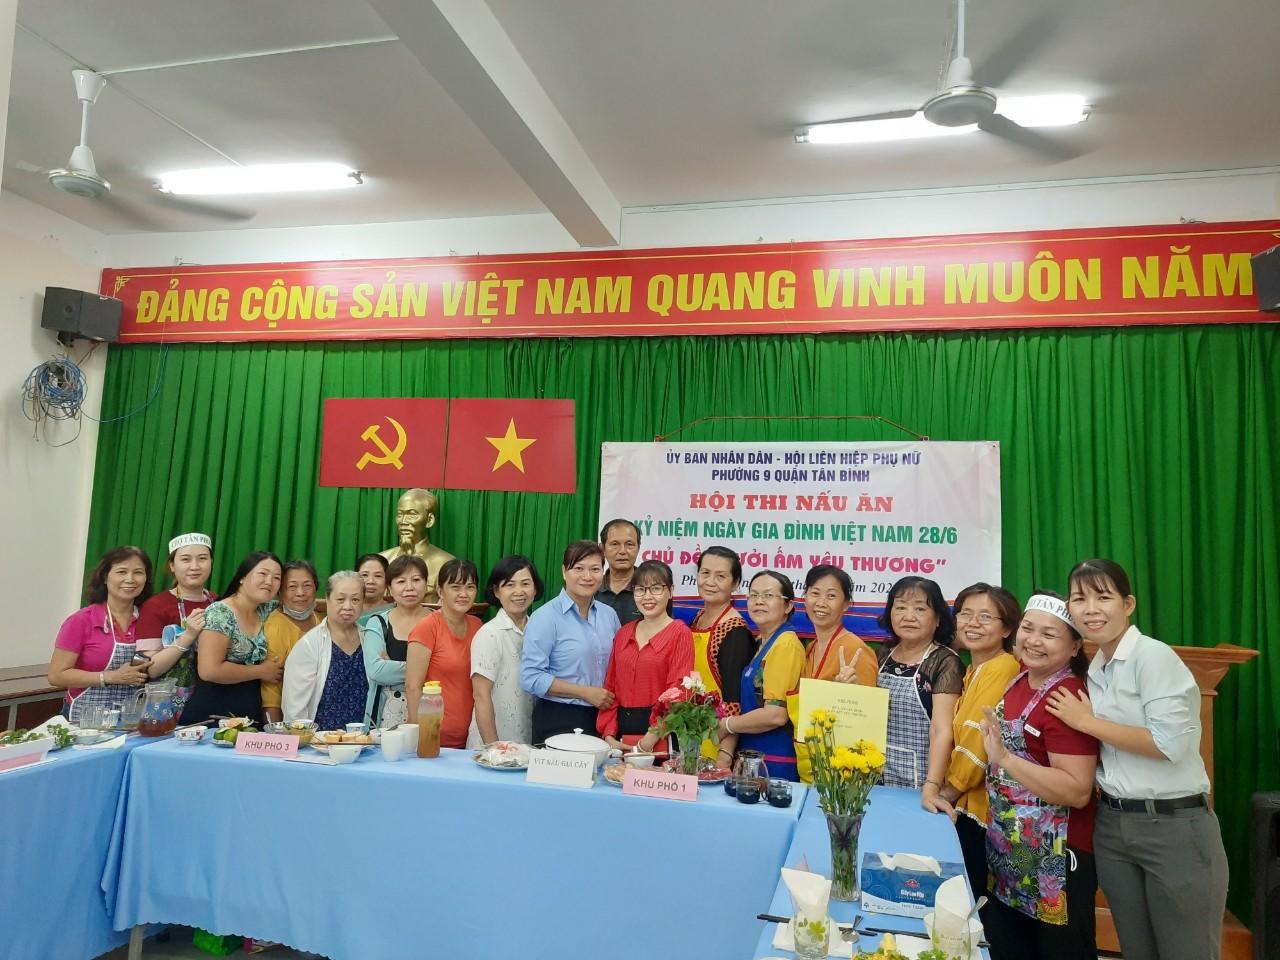 Phường 9: Tổ chức Họp mặt kỷ niệm 19 năm ngày gia đình Việt Nam (28/6)